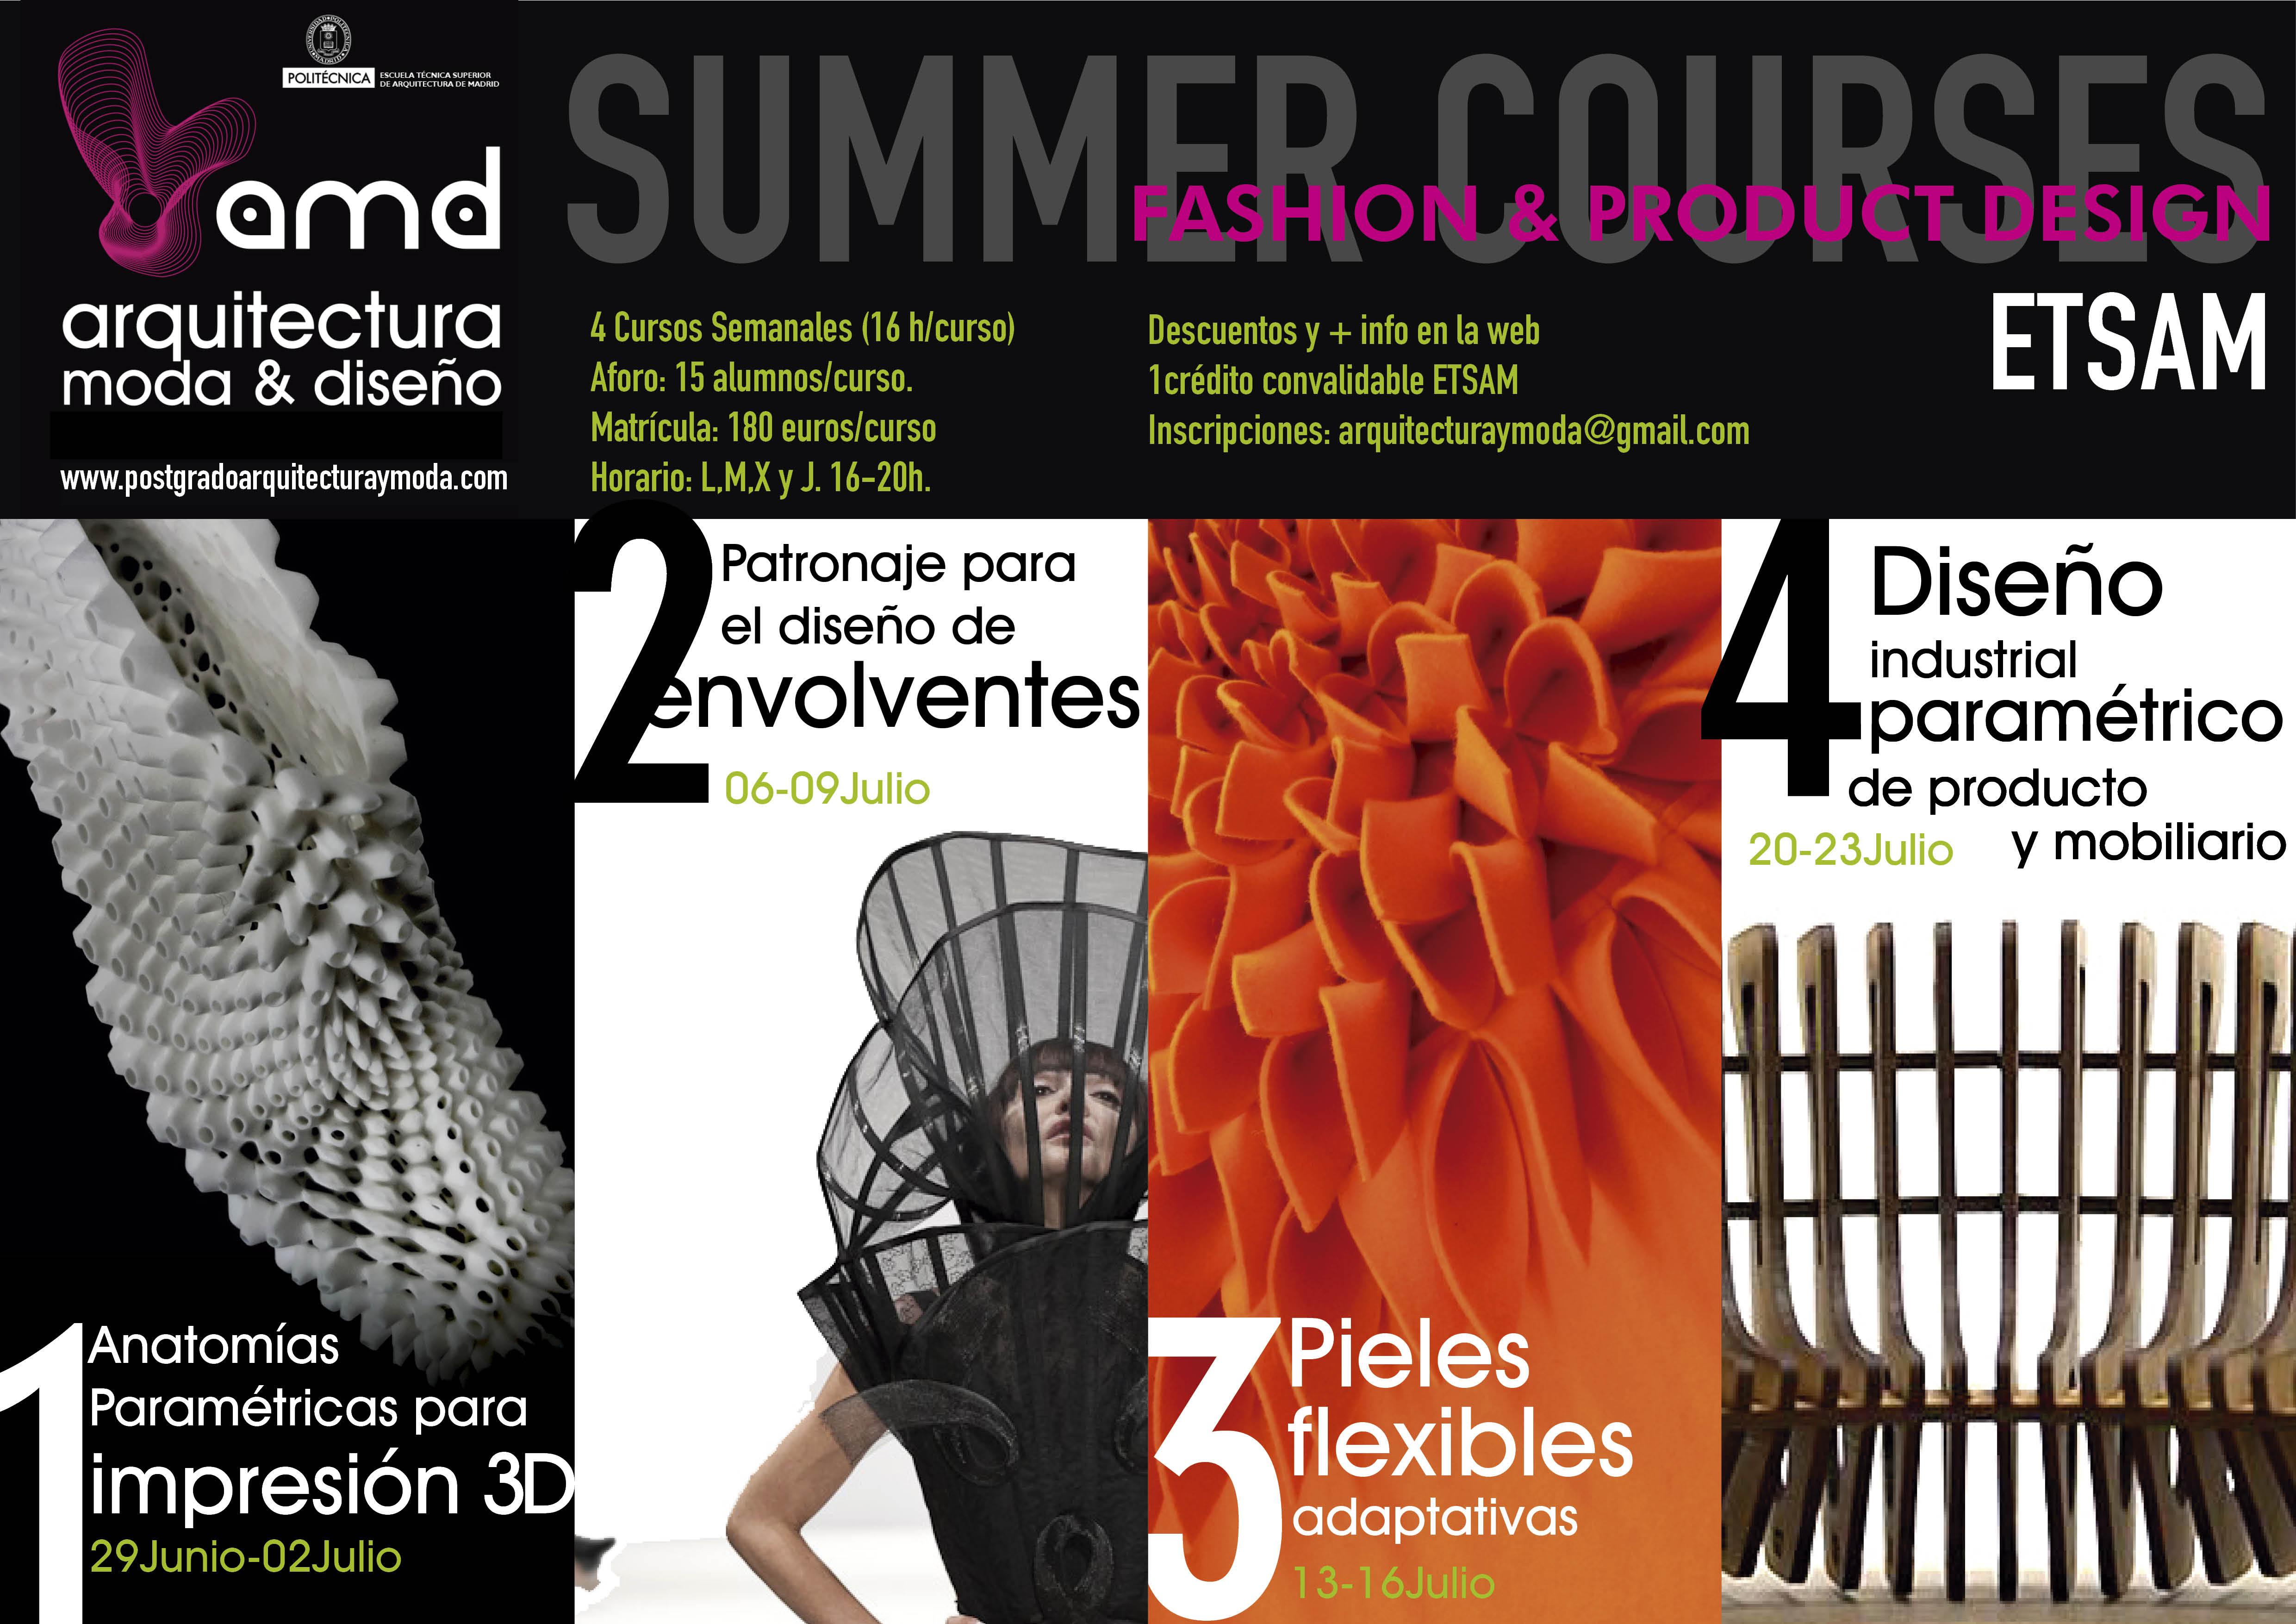 TODO summer courses